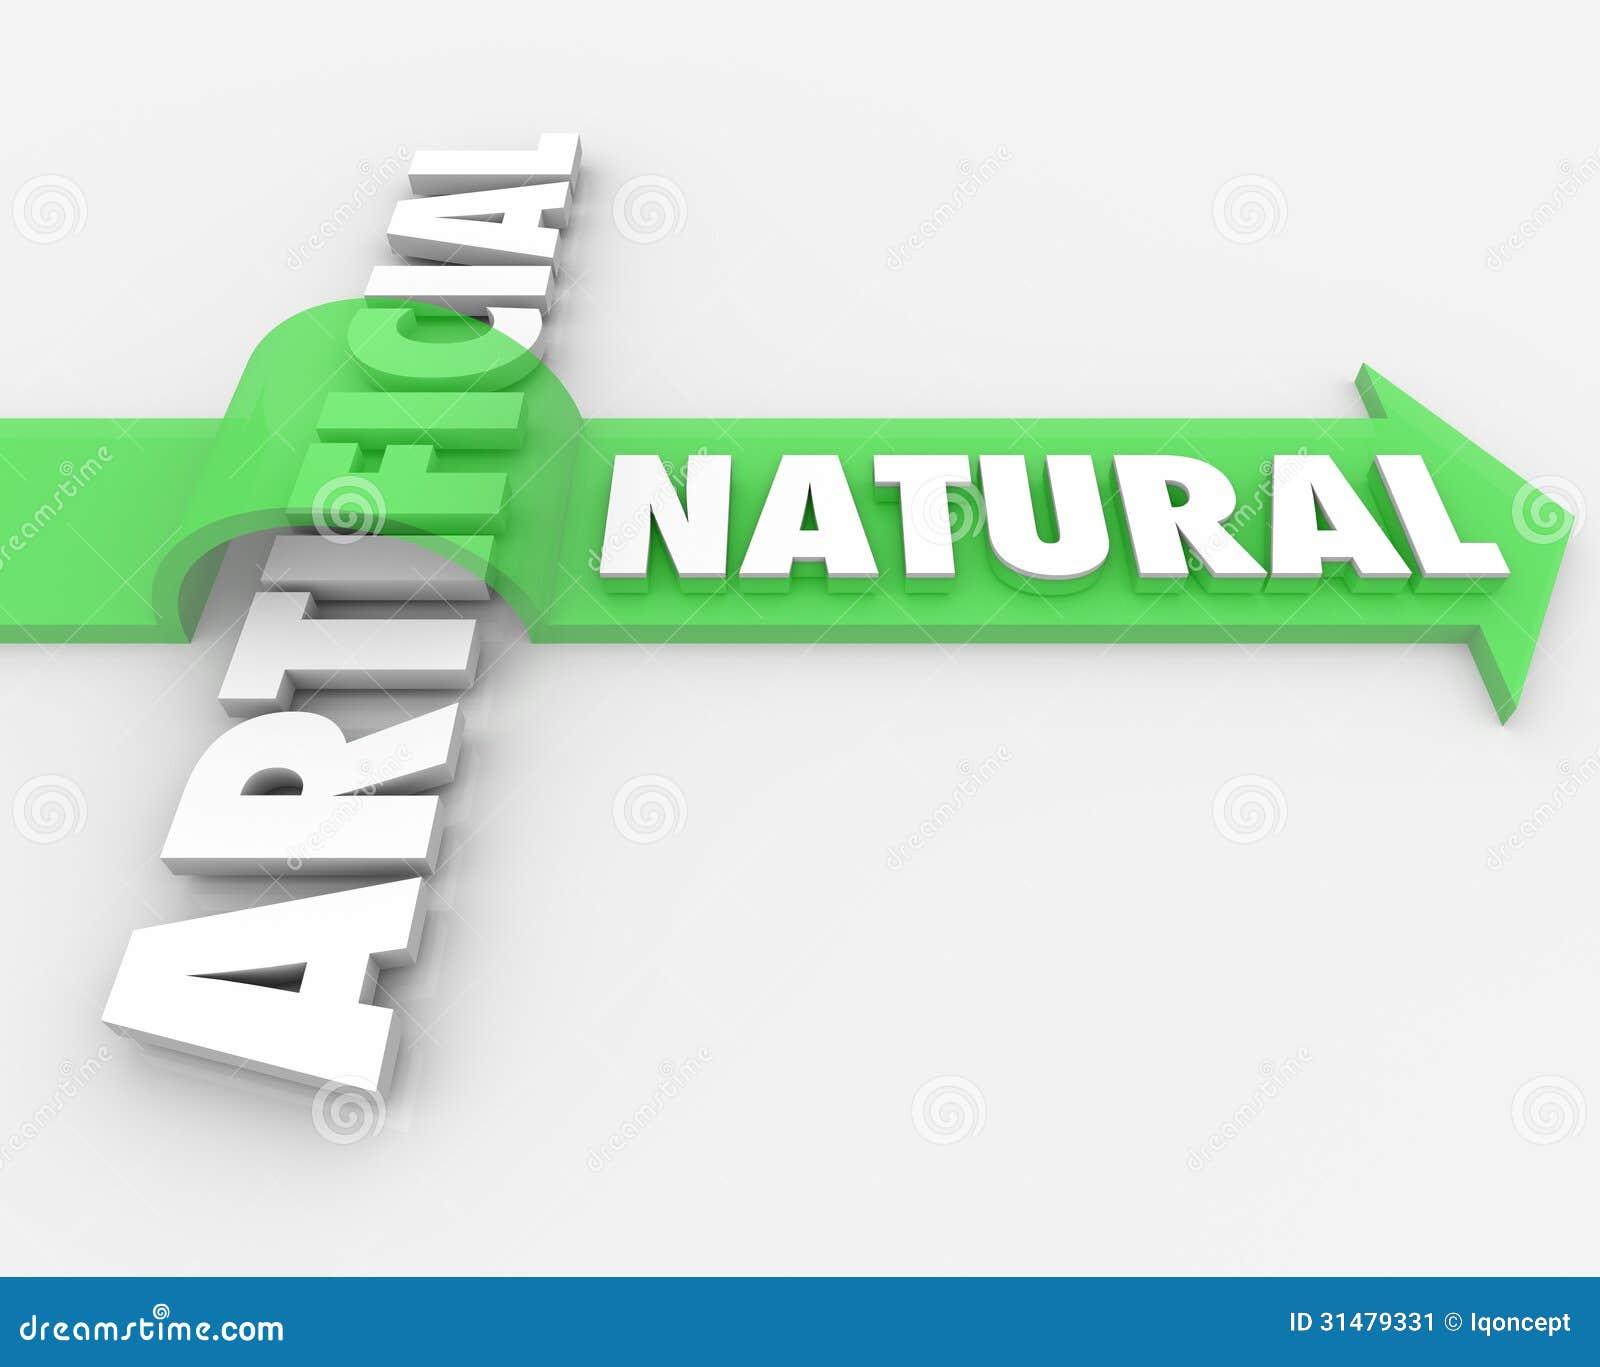 Natural vs. Unnatural in Macbeth